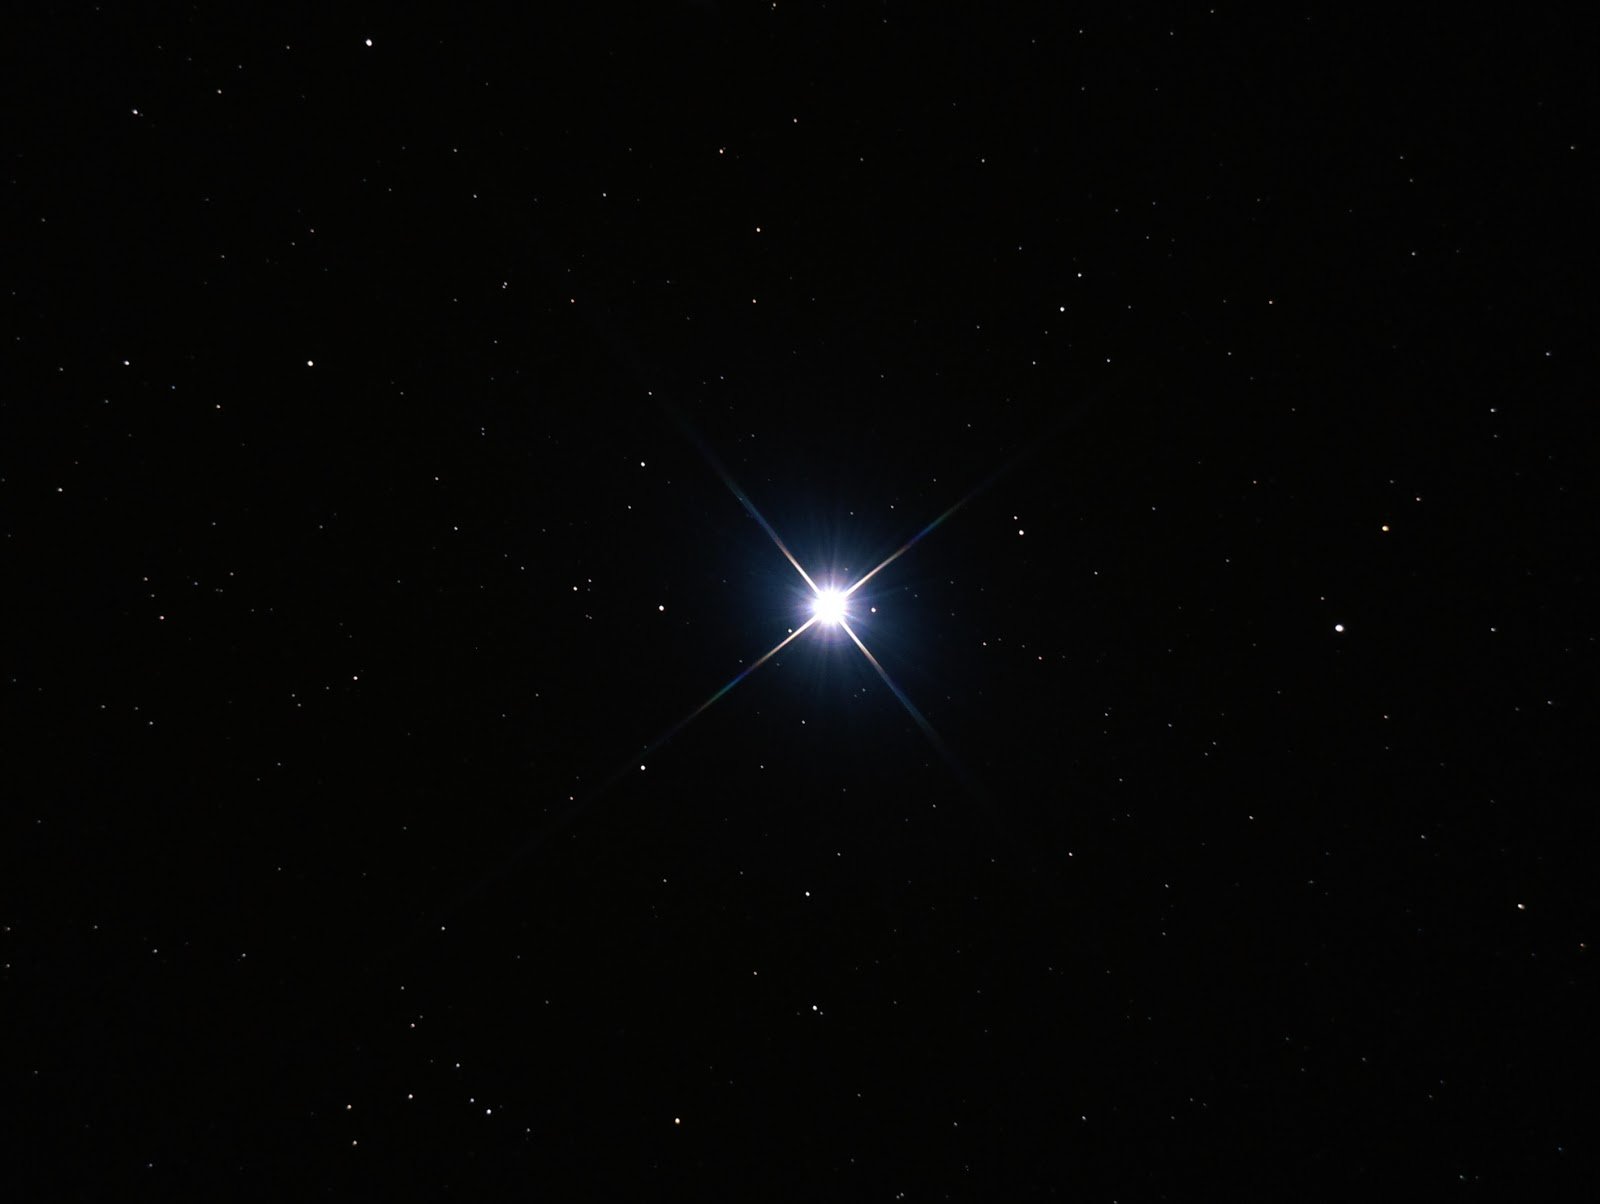 Ngôi sao Vega màu xanh thuộc chòm sao Lyra (Thiên Cầm - Cây đờn của bầu trời). Ngôi sao này được sử dụng làm mốc chuẩn trong thang đo độ sáng các thiên thể trên bầu trời. Tác giả hình ảnh : Ash.Cox.